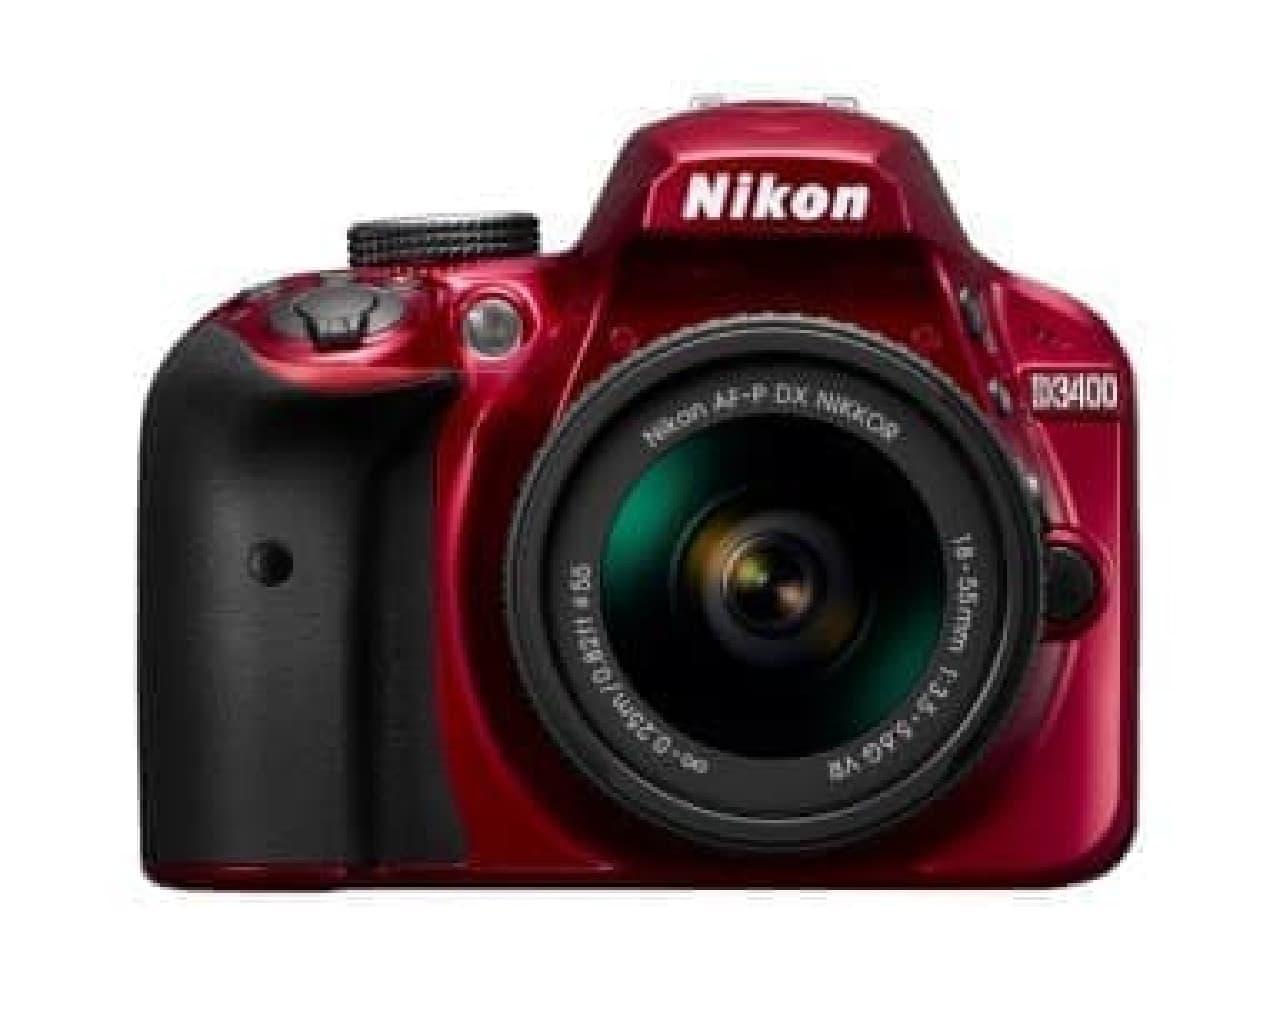 デジタル一眼レフカメラ「ニコン D3400」